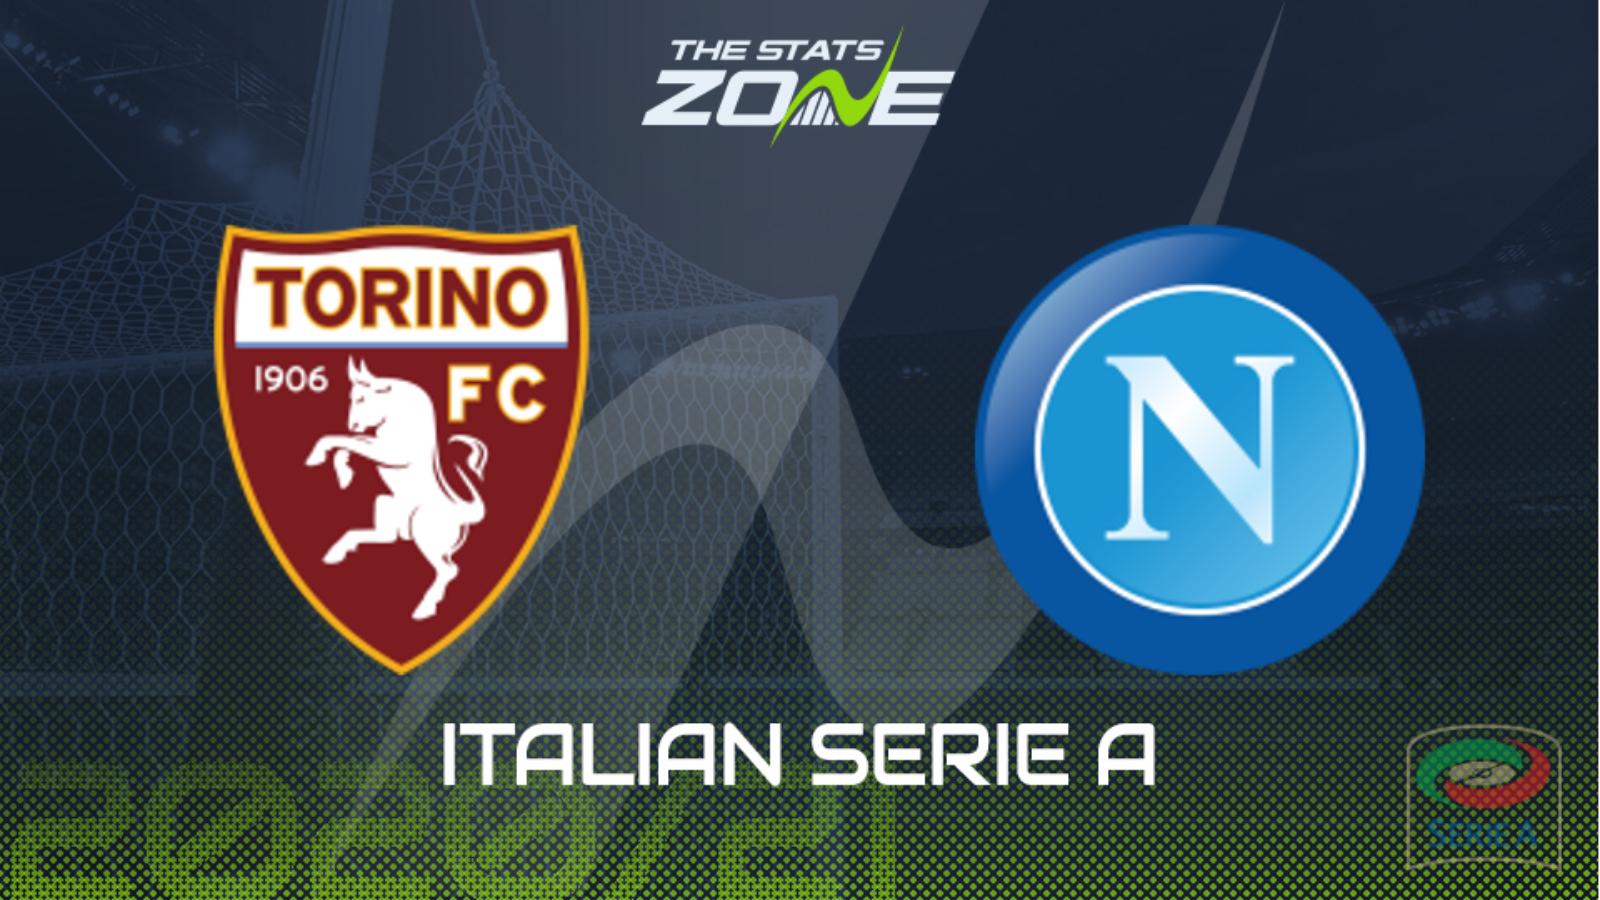 Torino vs Napoli Full Match – Serie A 2020/21